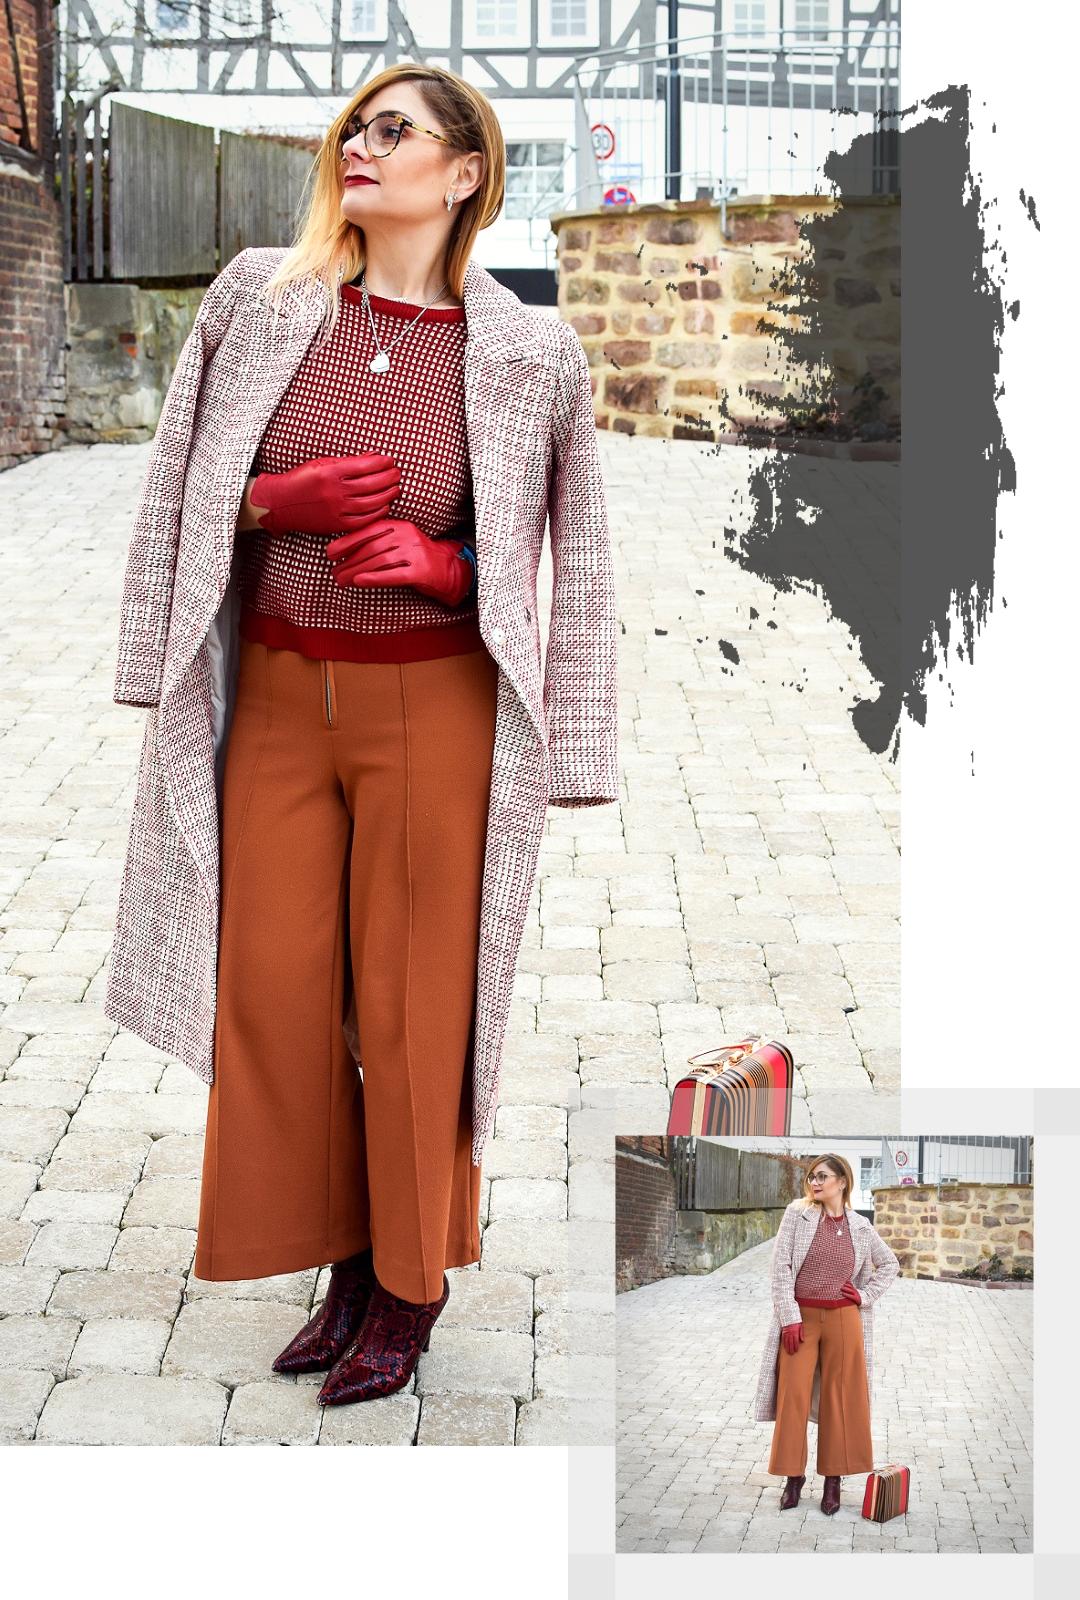 Modeblogger Outfit 2019, Frühling Sommer 2019, Outfit Modeblogger